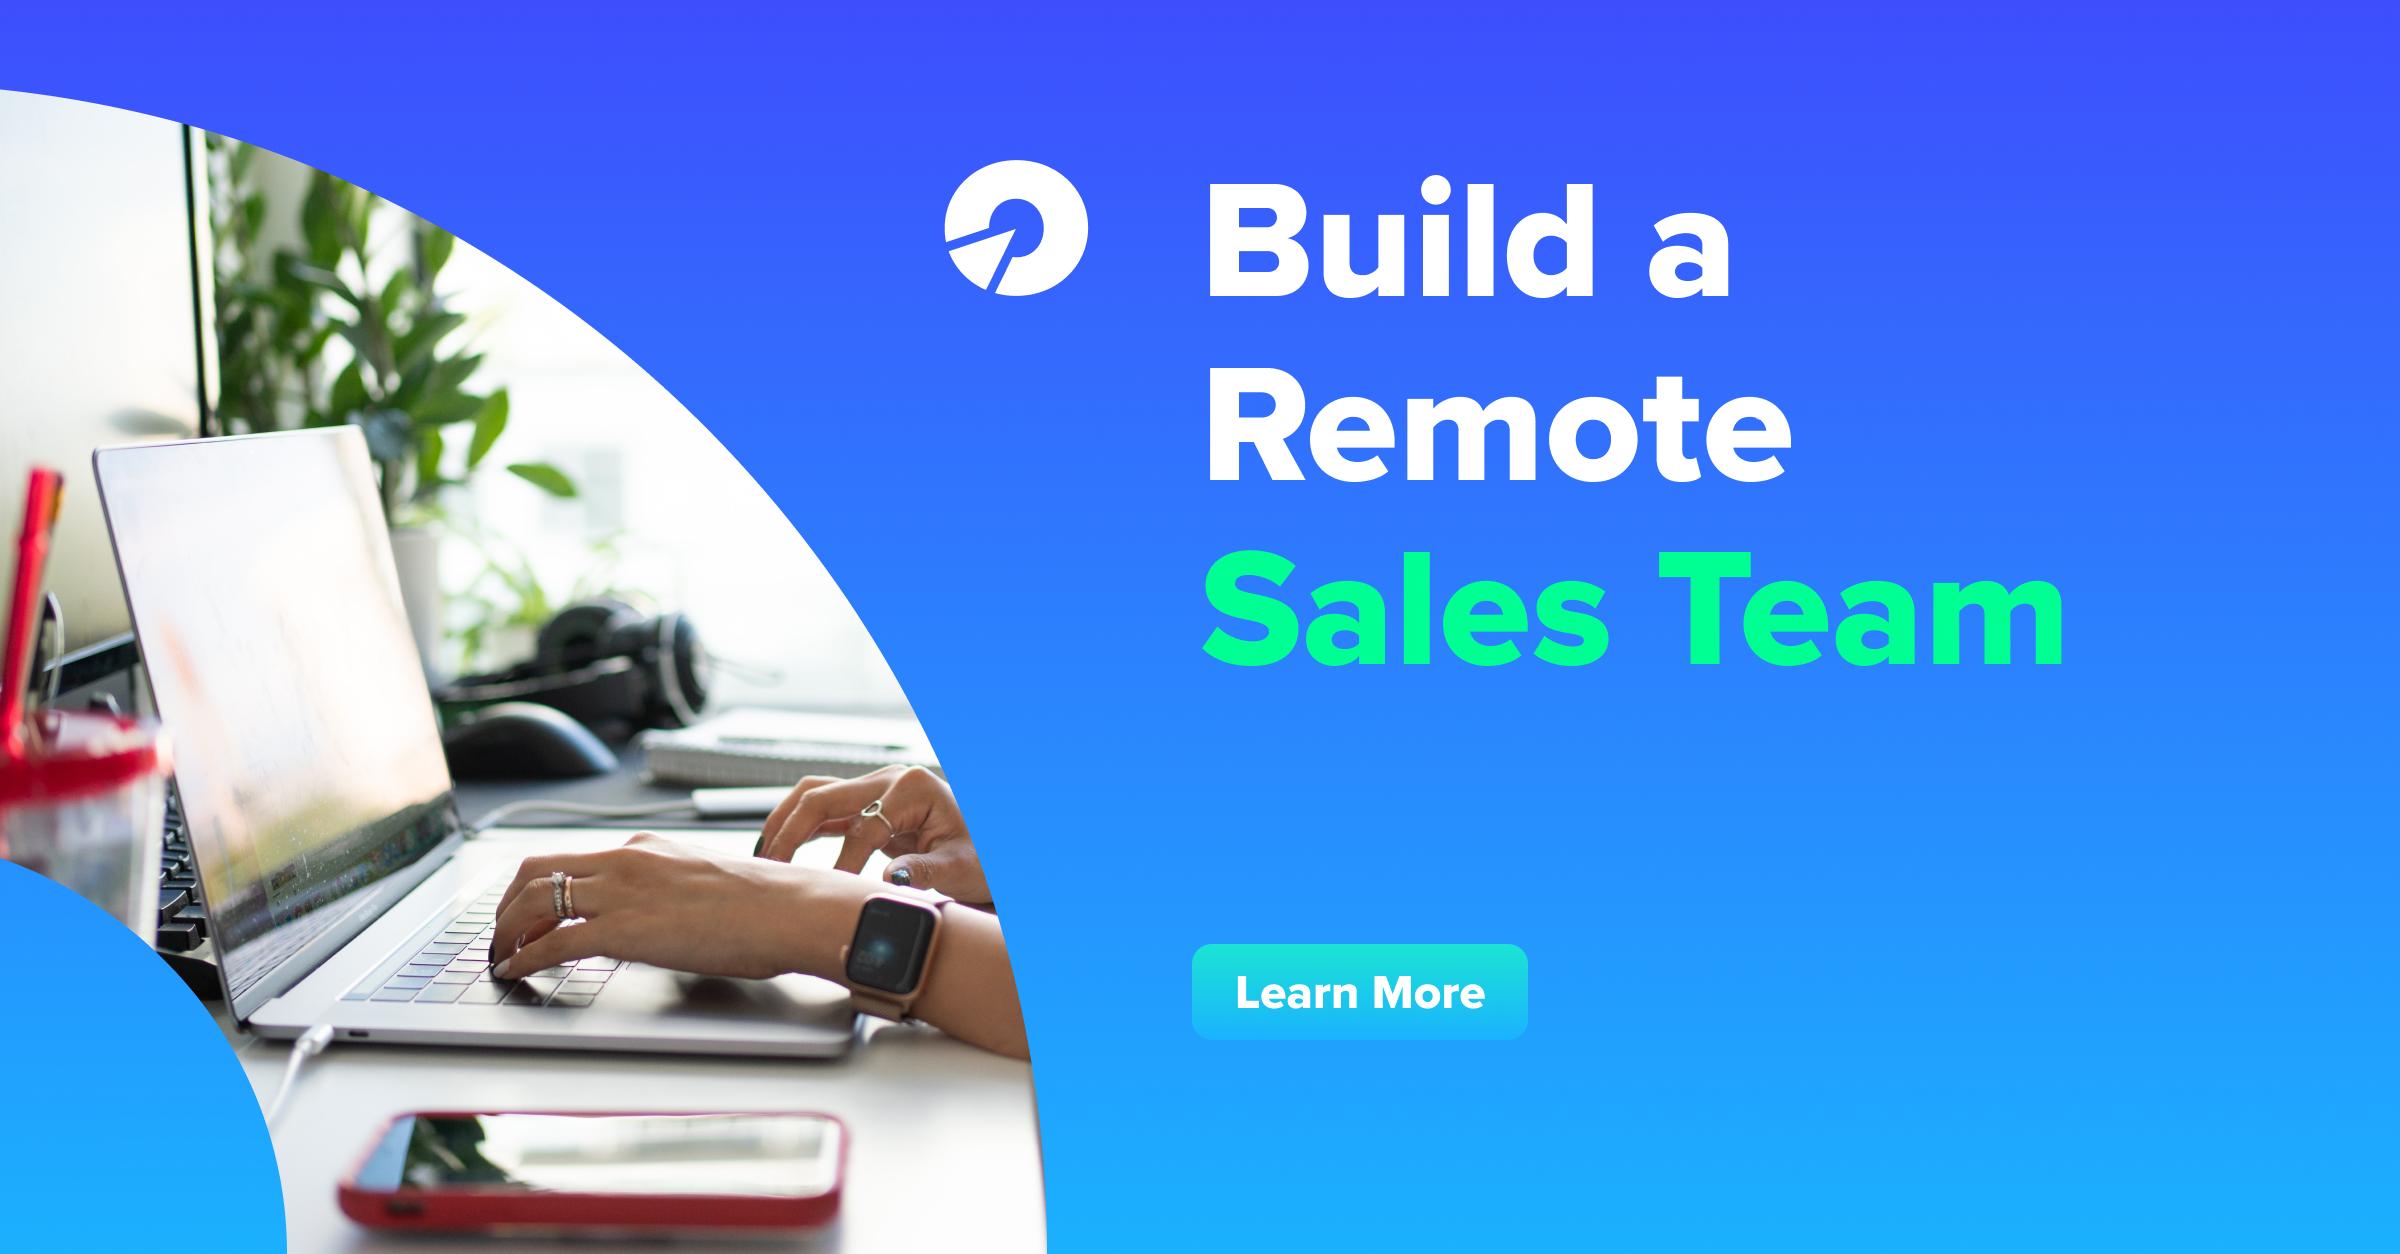 Build a Remote Sales Team